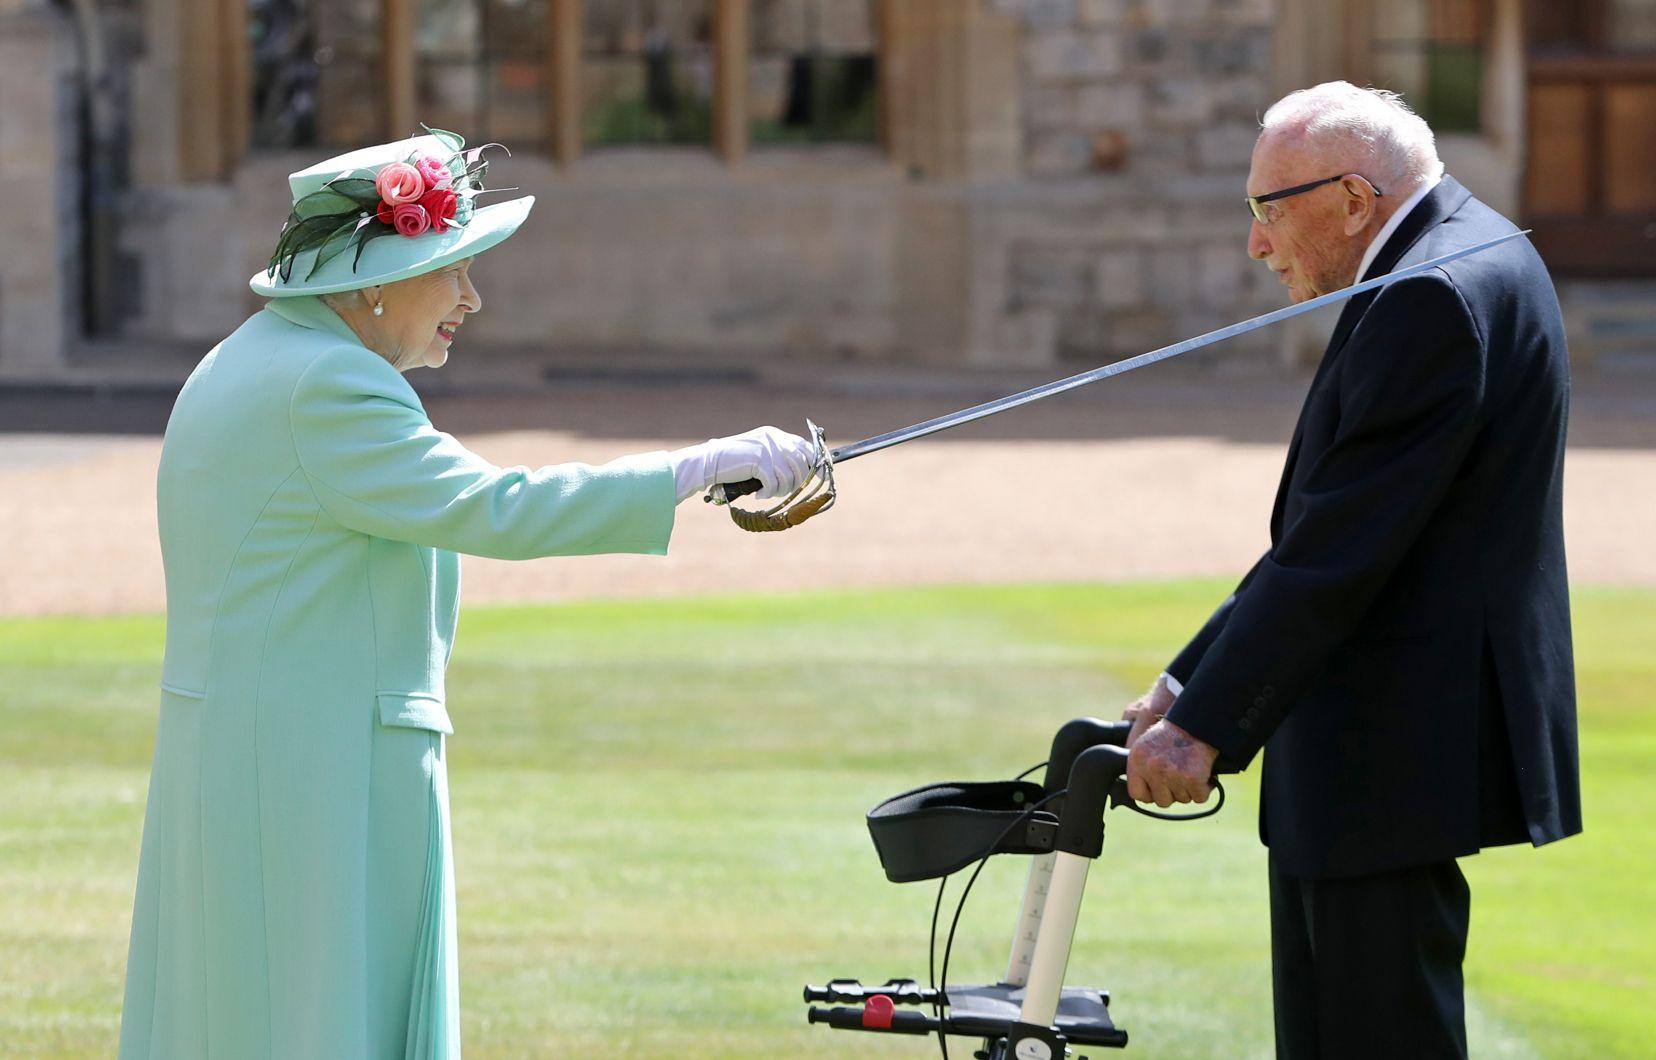 La reine Elizabeth II fait chevalier Tom Moore avec l'épée de son père, George VI, au château de Windsor à l'ouest de Londres, le 17 juillet 2020 afp.com - Chris Jackson